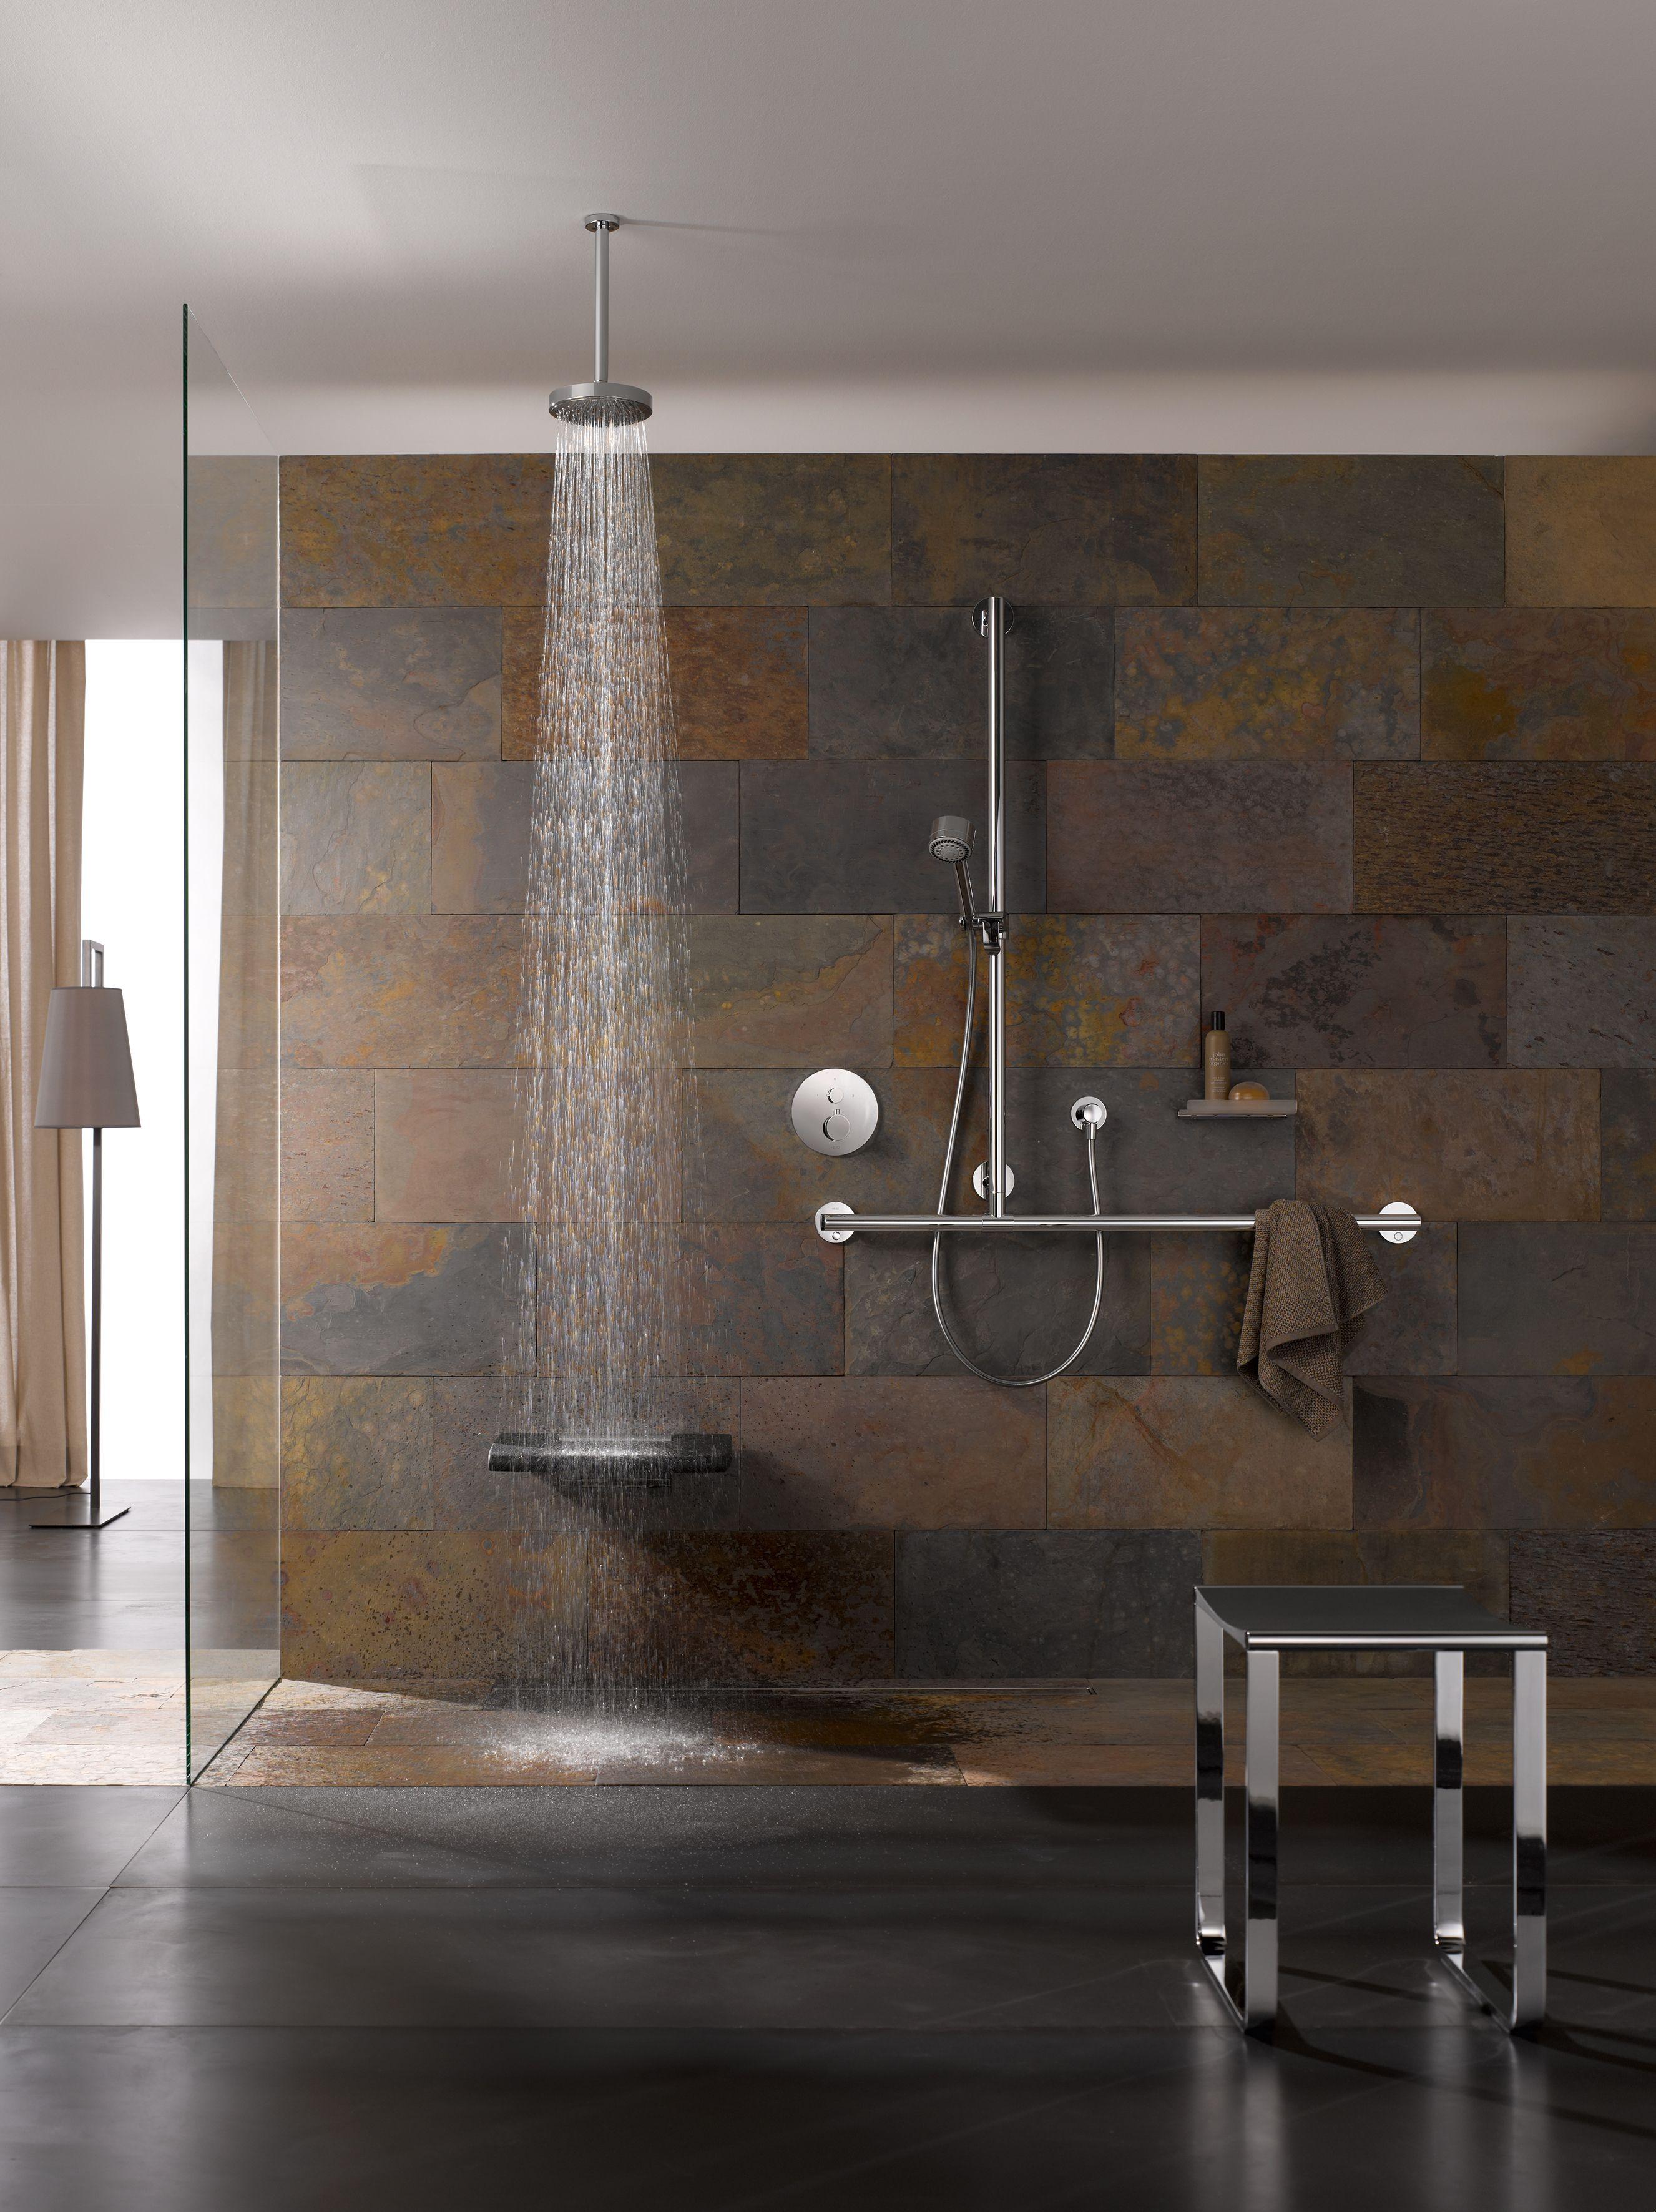 Komfortabel Und Praktisch Walk In Duschen Duschsitz Badezimmer Badezimmerrenovierung